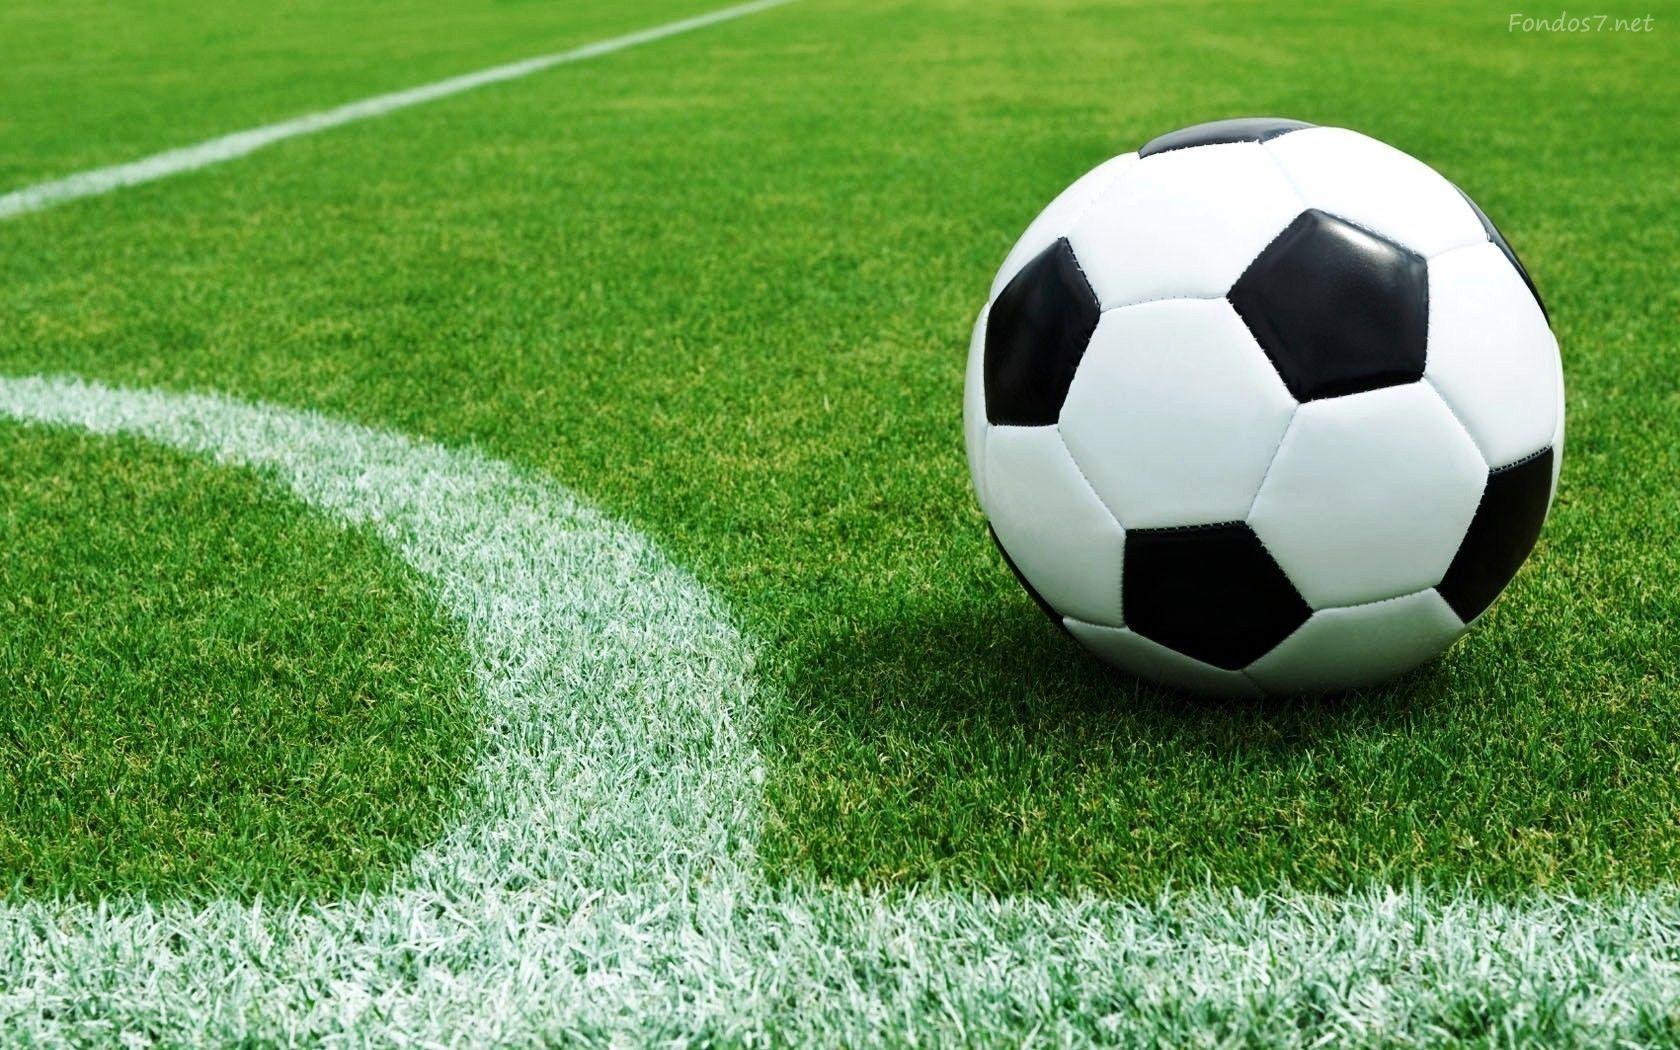 Samsung Mobile Hd Wallpapers Free Download Descargar Fondos De Pantalla Cancha Verde De Futbol Hd